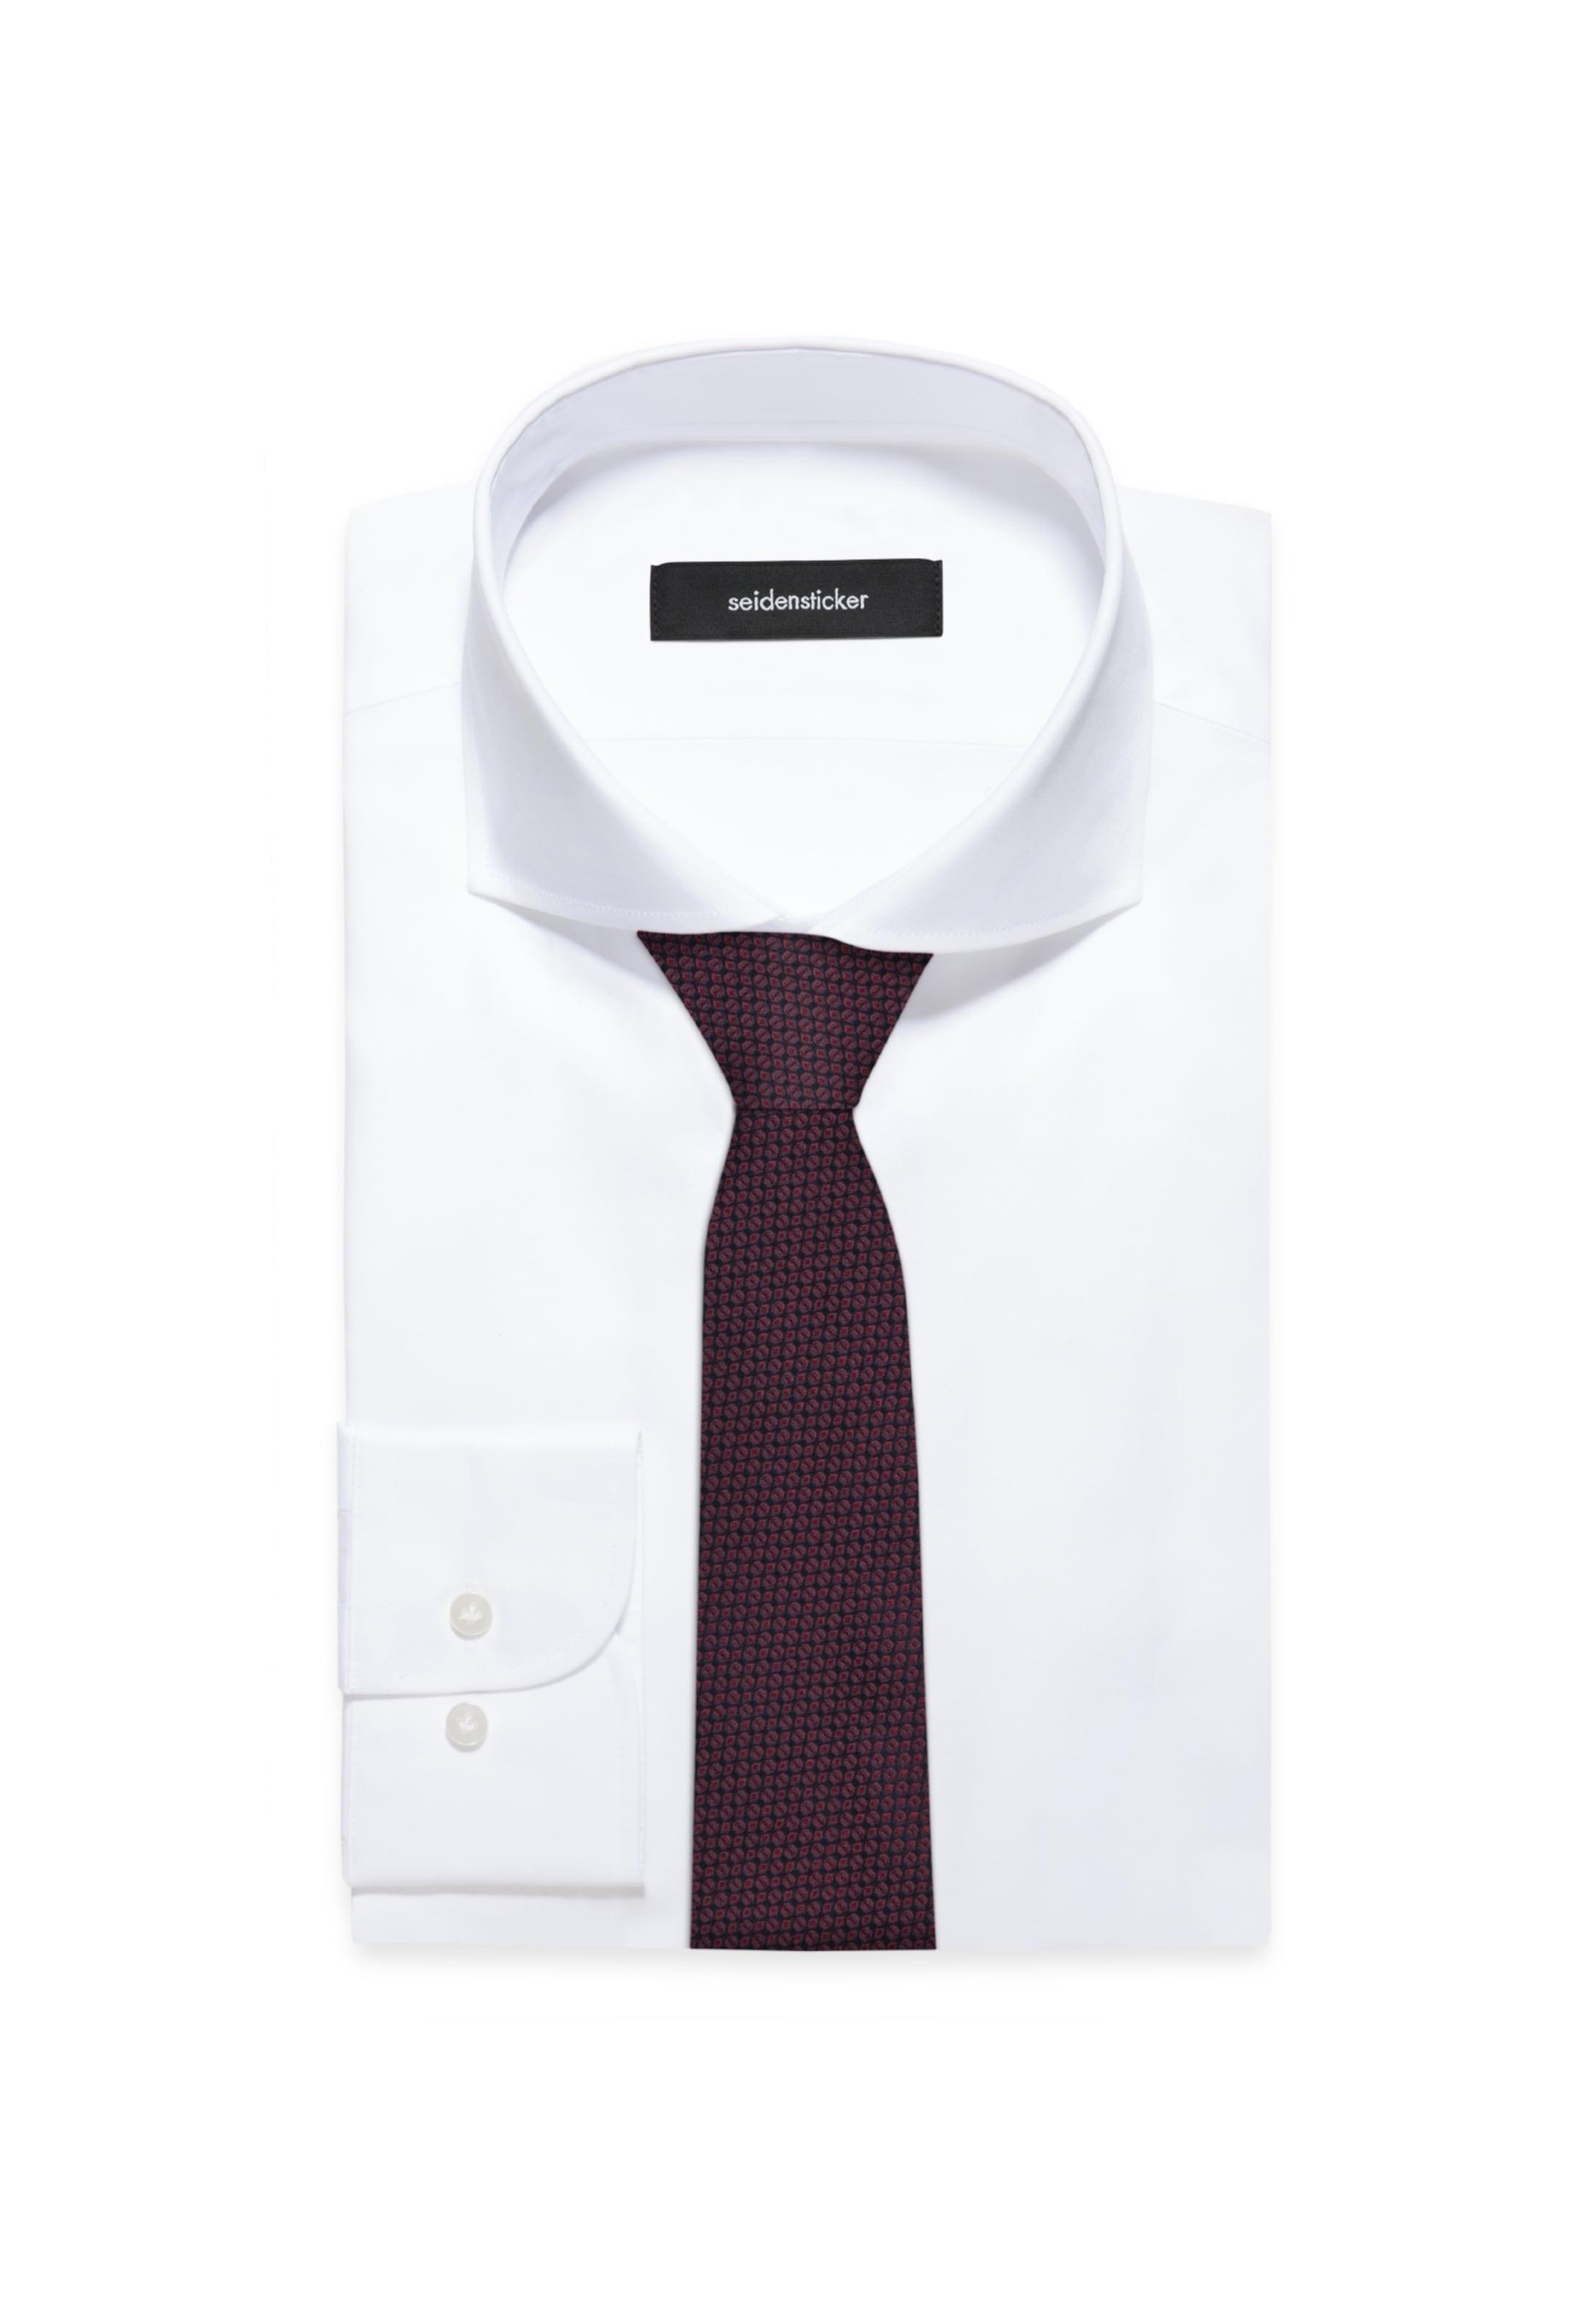 Seidensticker DunkelrotSchwarz Krawatte Seidensticker In Krawatte In DunkelrotSchwarz xBoCed